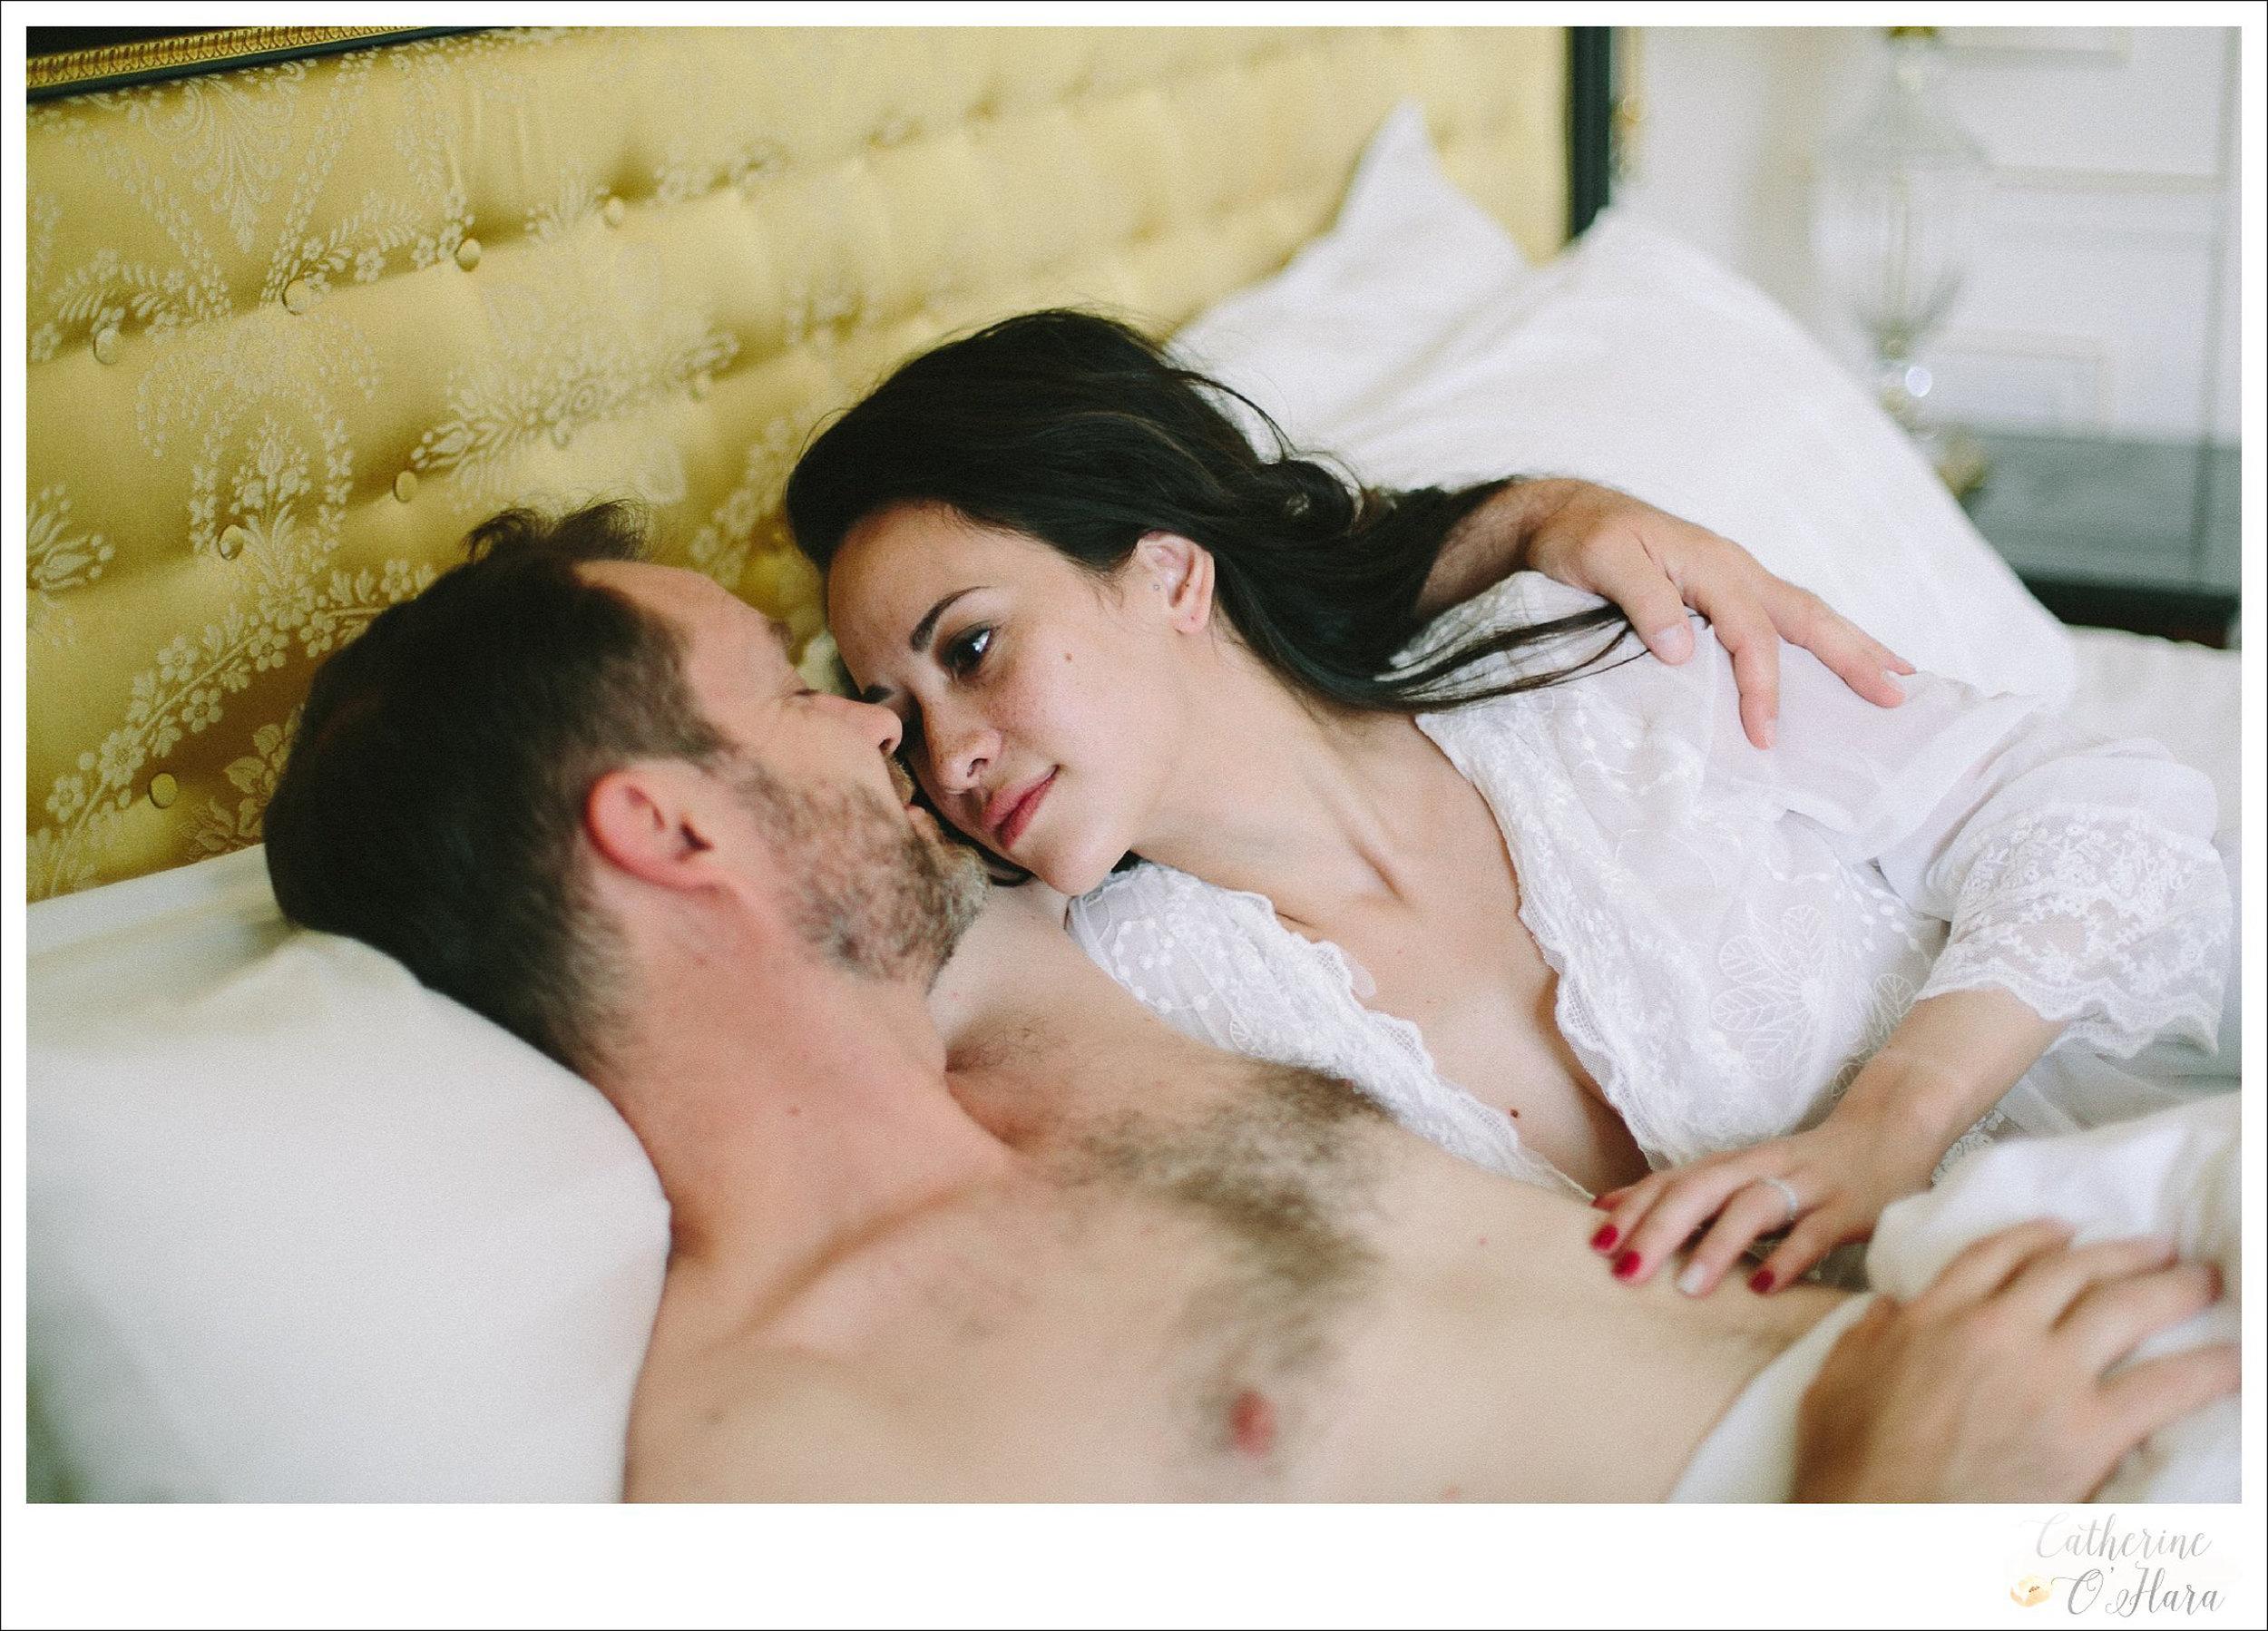 01-paris-couples-boudoir-shoot.jpg